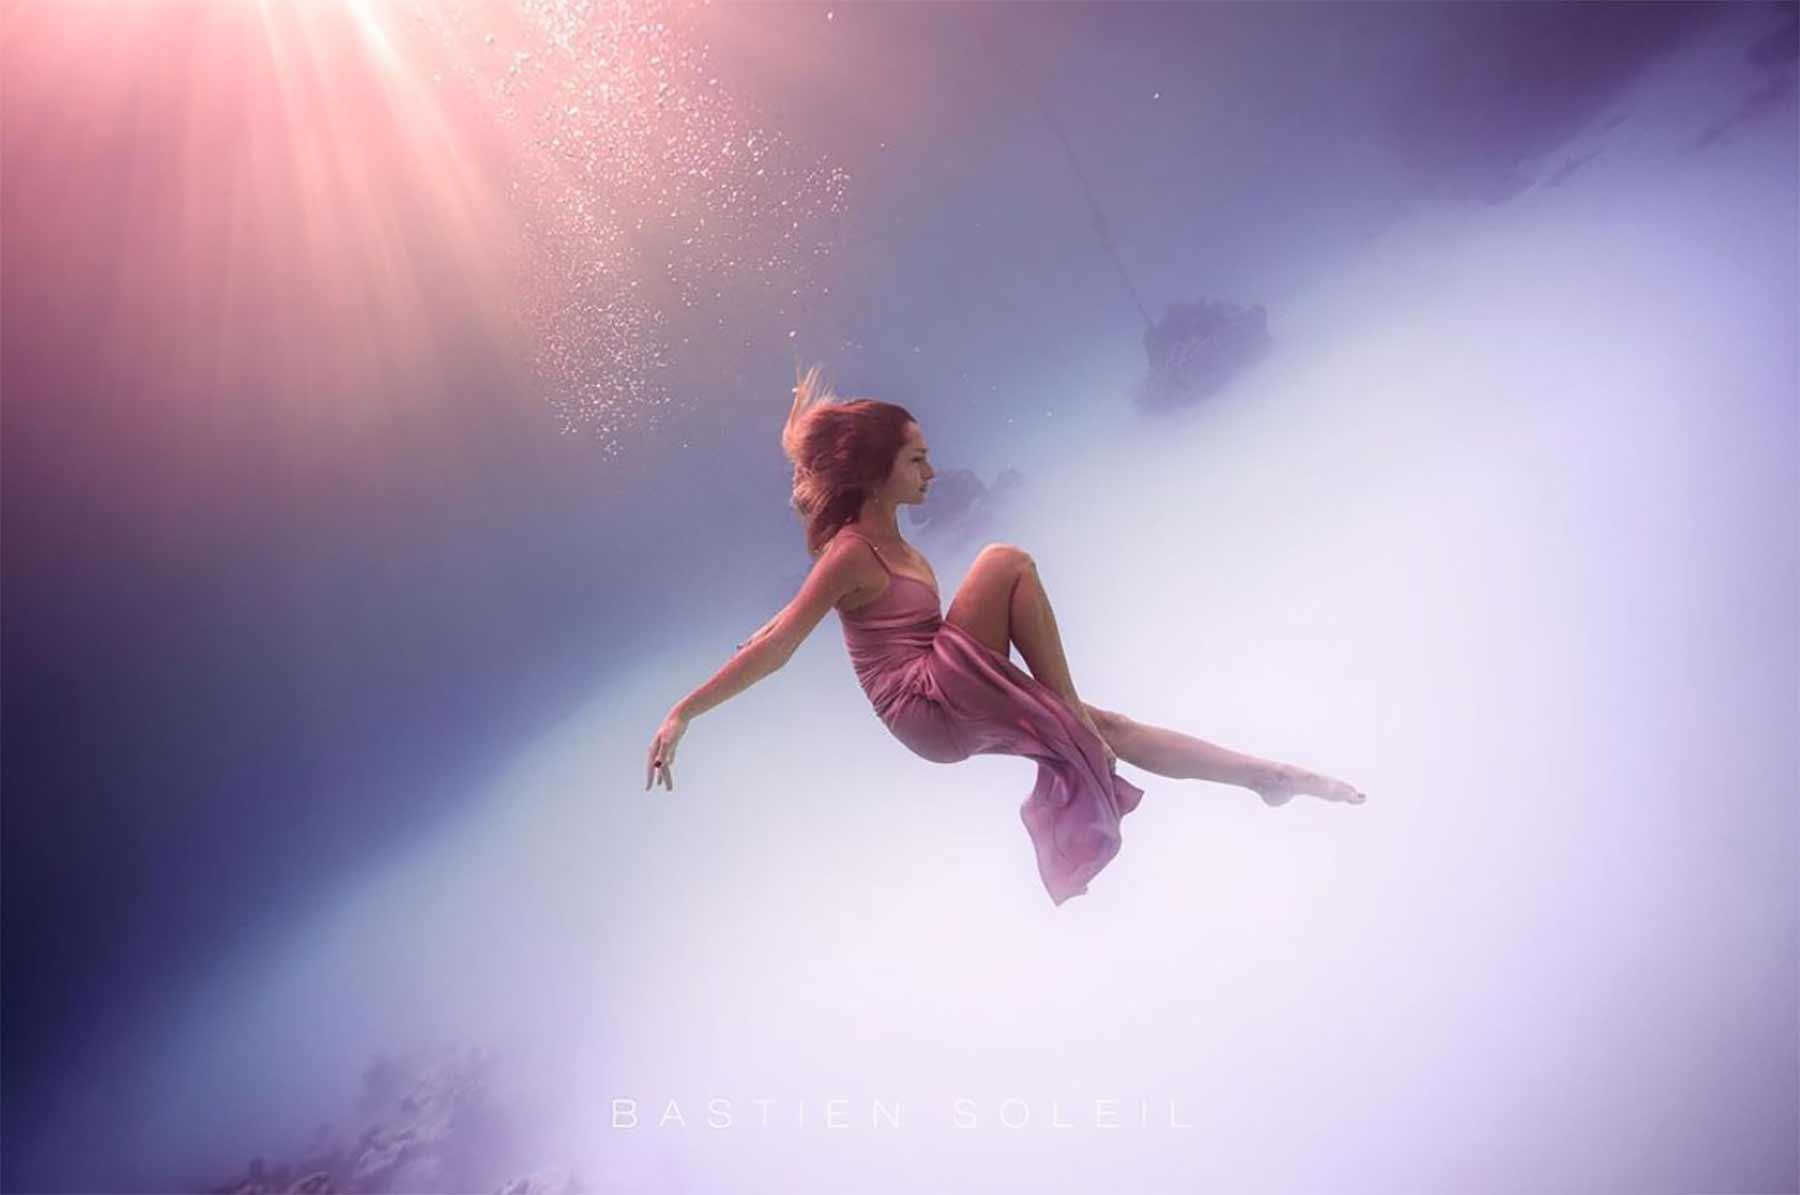 Fotografien von Bastien Soleil Bastien-Soleil-Unterwasserfotografie_07-1